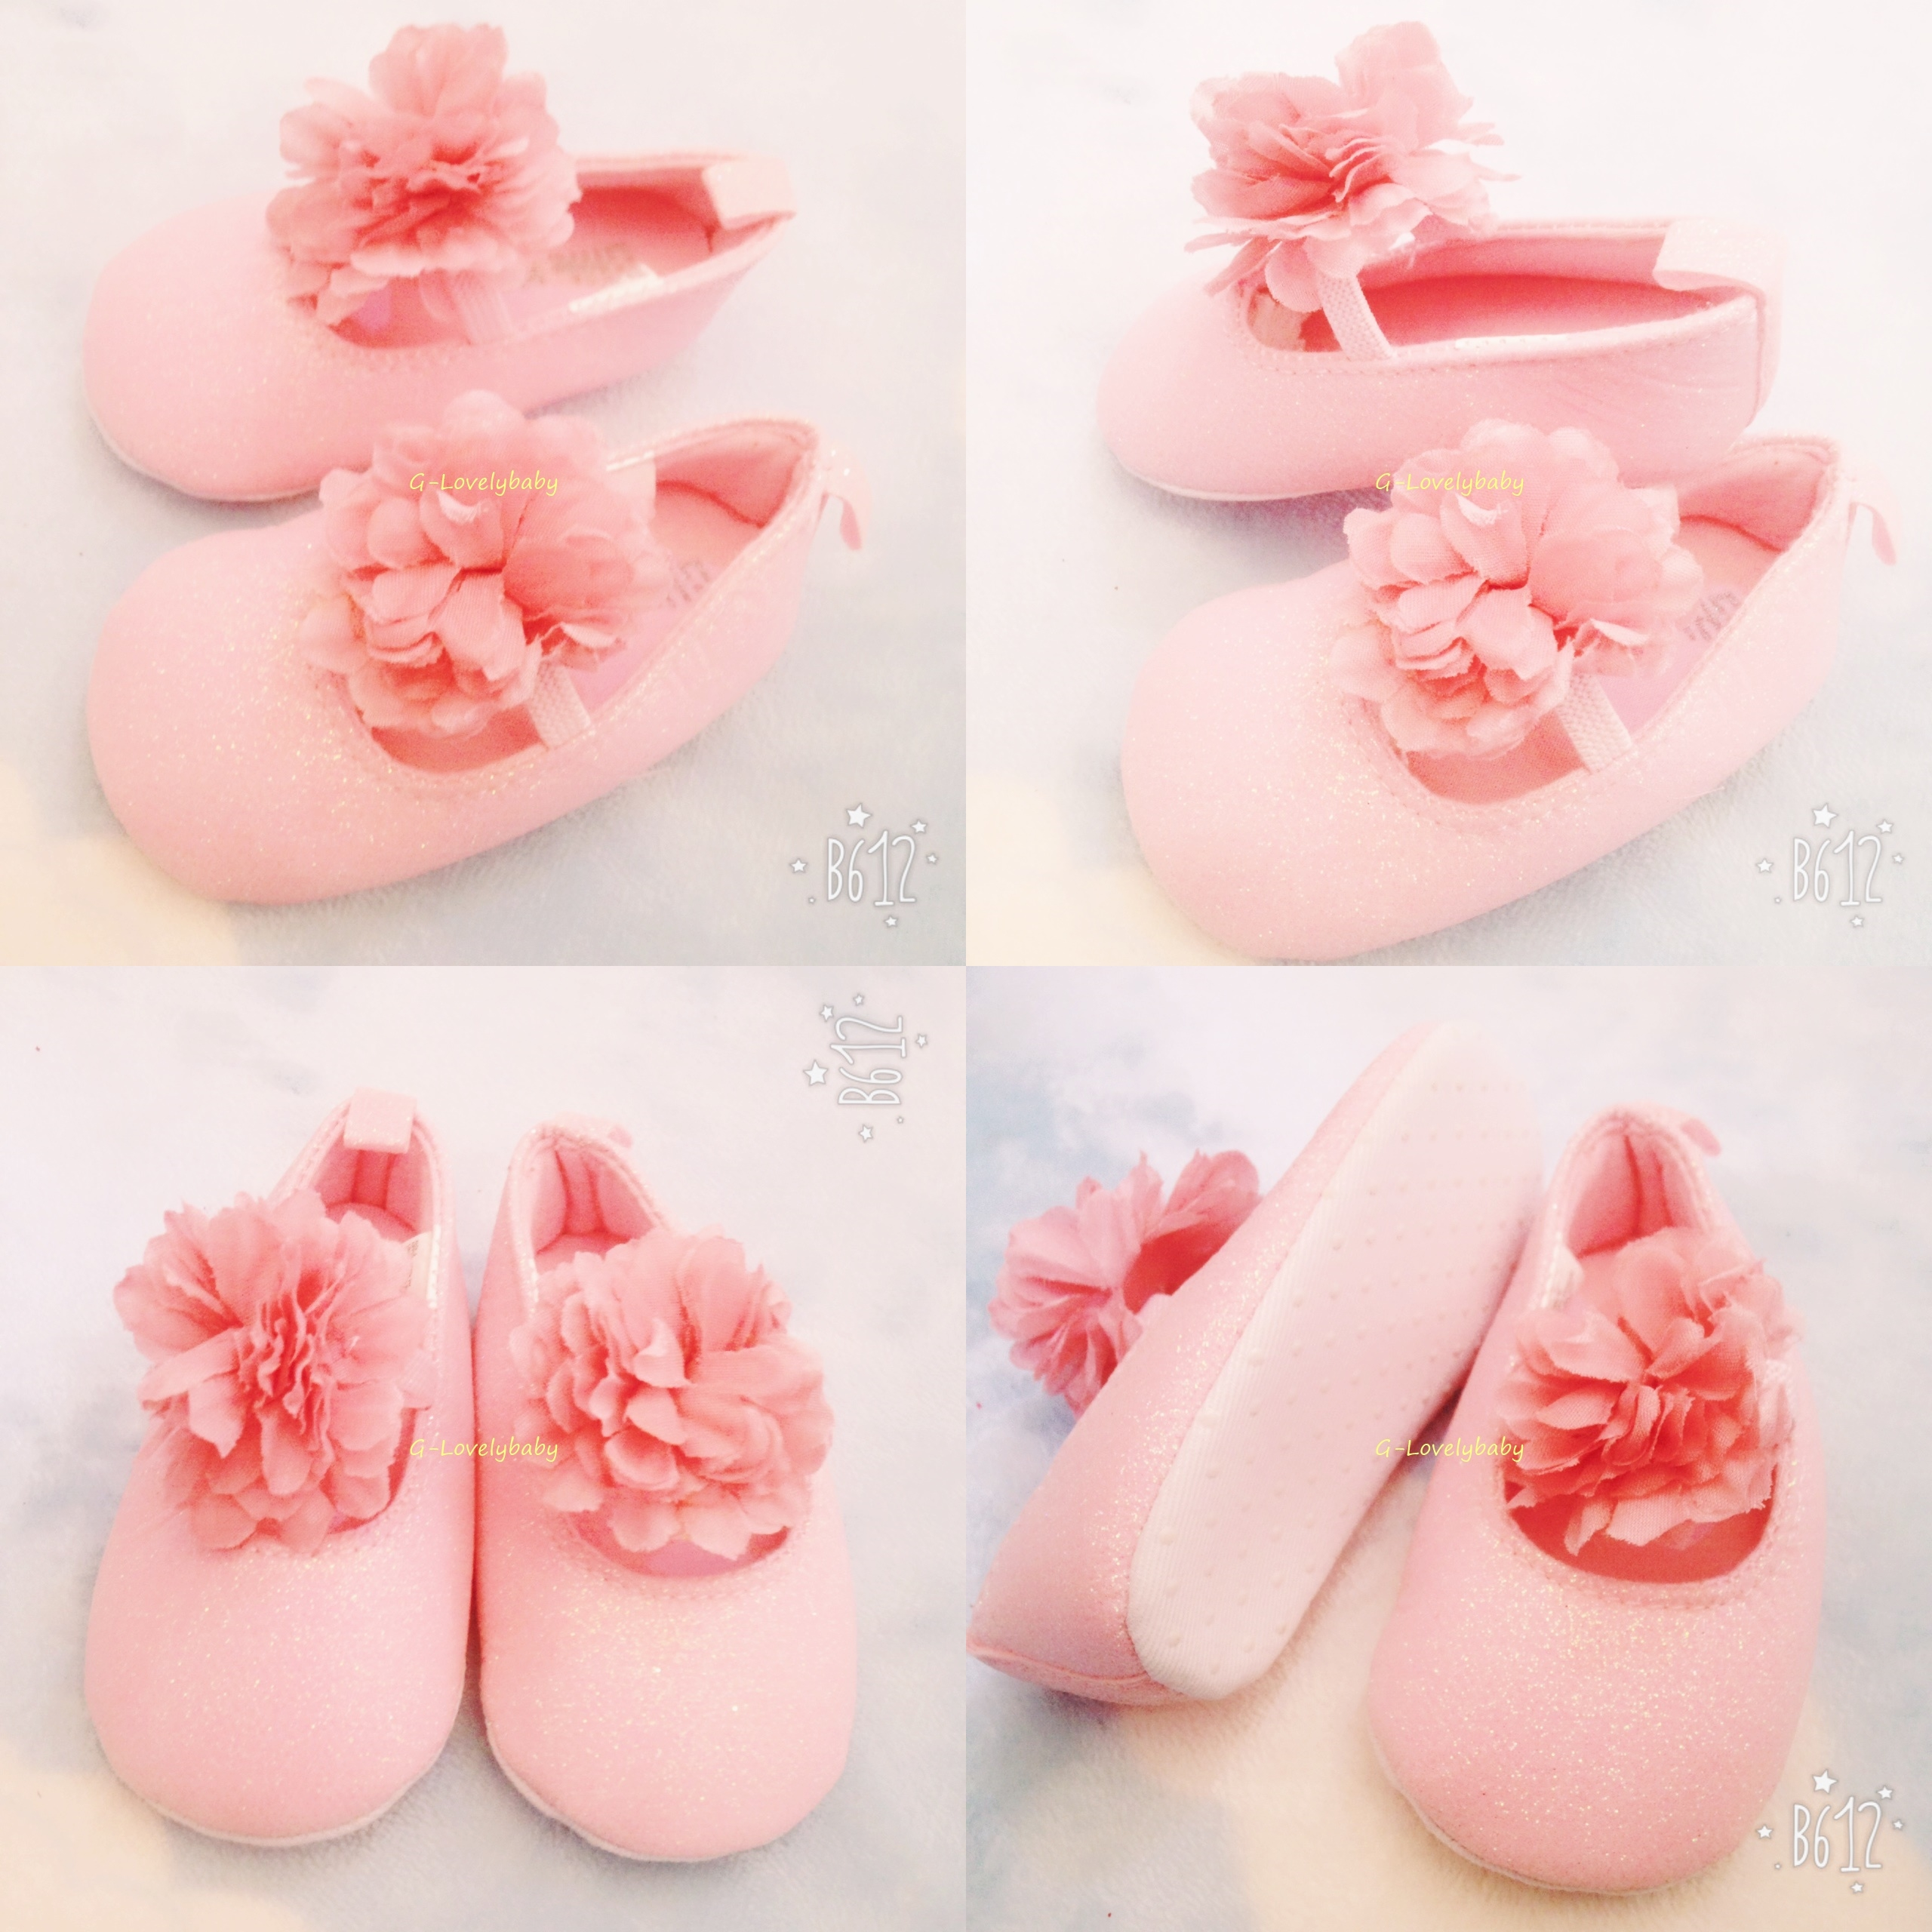 รองเท้า รองเท้าเด็ก รองเท้าเด็กวัยหัดเดิน รองเท้าเด็กทารก รองเท้าเด็กอ่อน pre walker baby shoes (10.5/10cm)